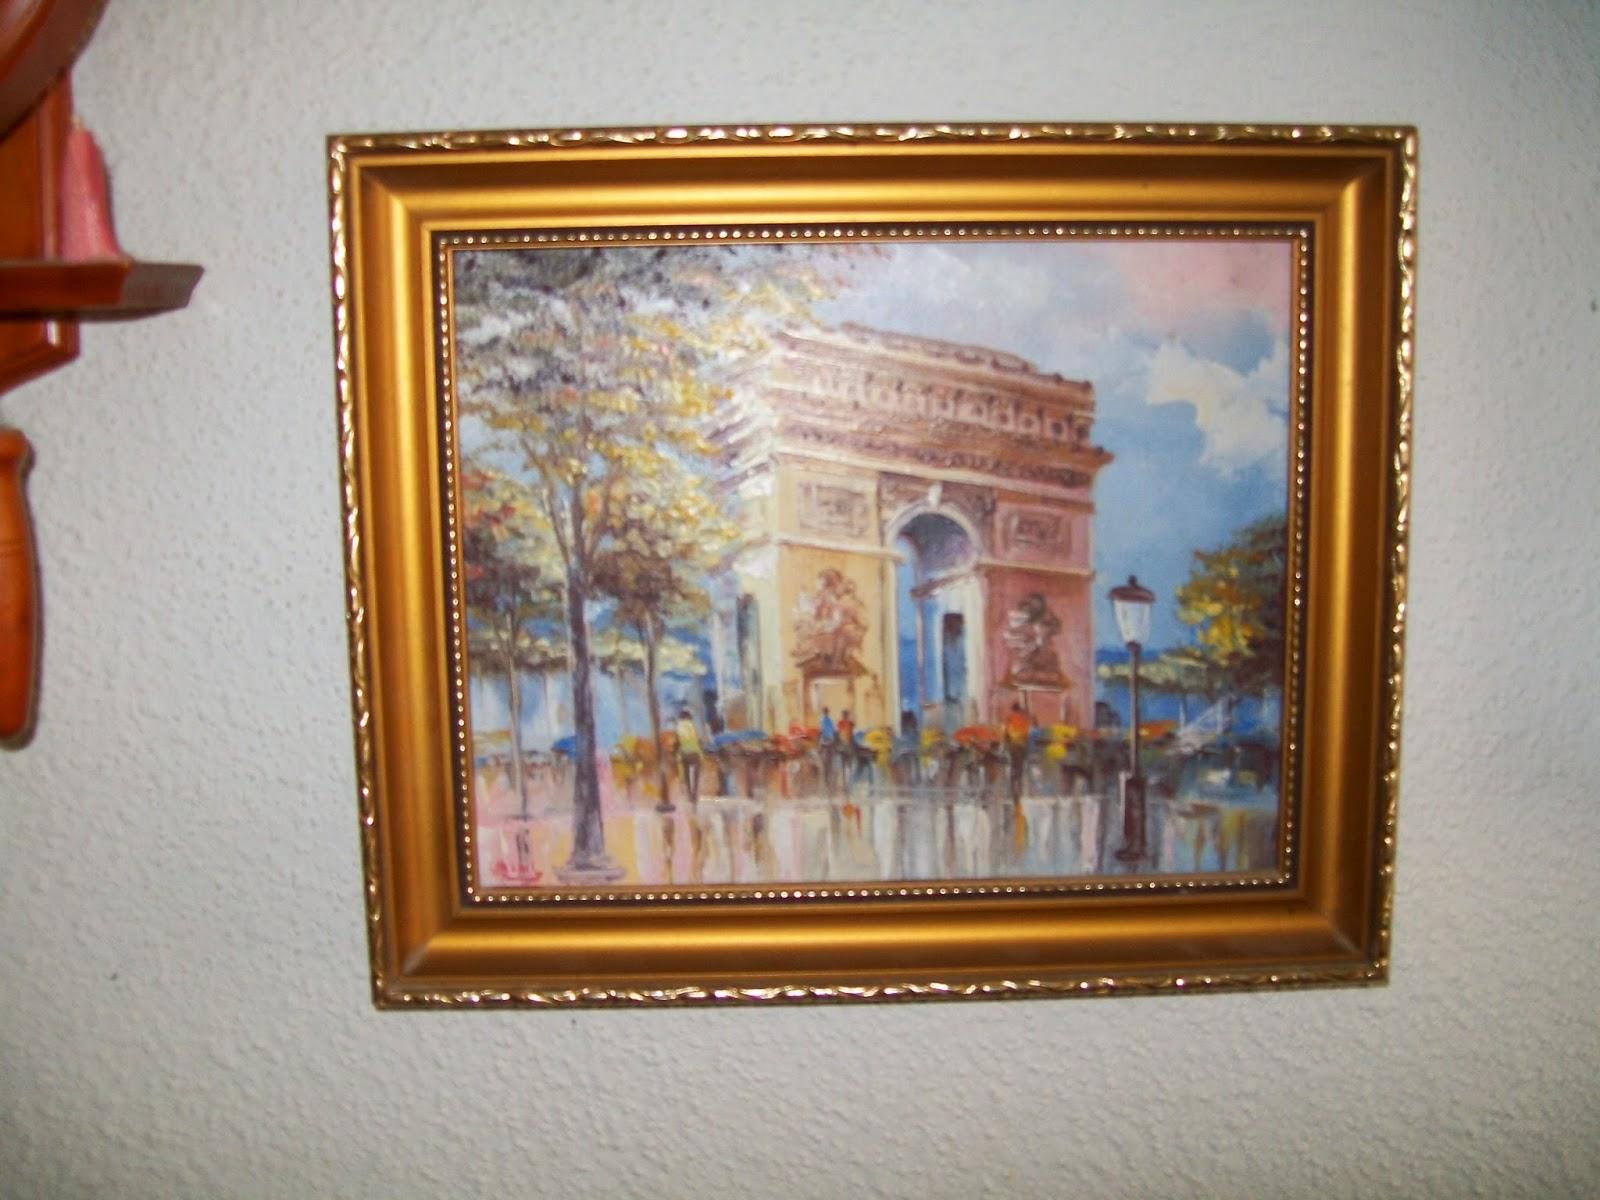 Calogilou le champi tableaux peintures hst arc de - Peintre burnett estimation ...